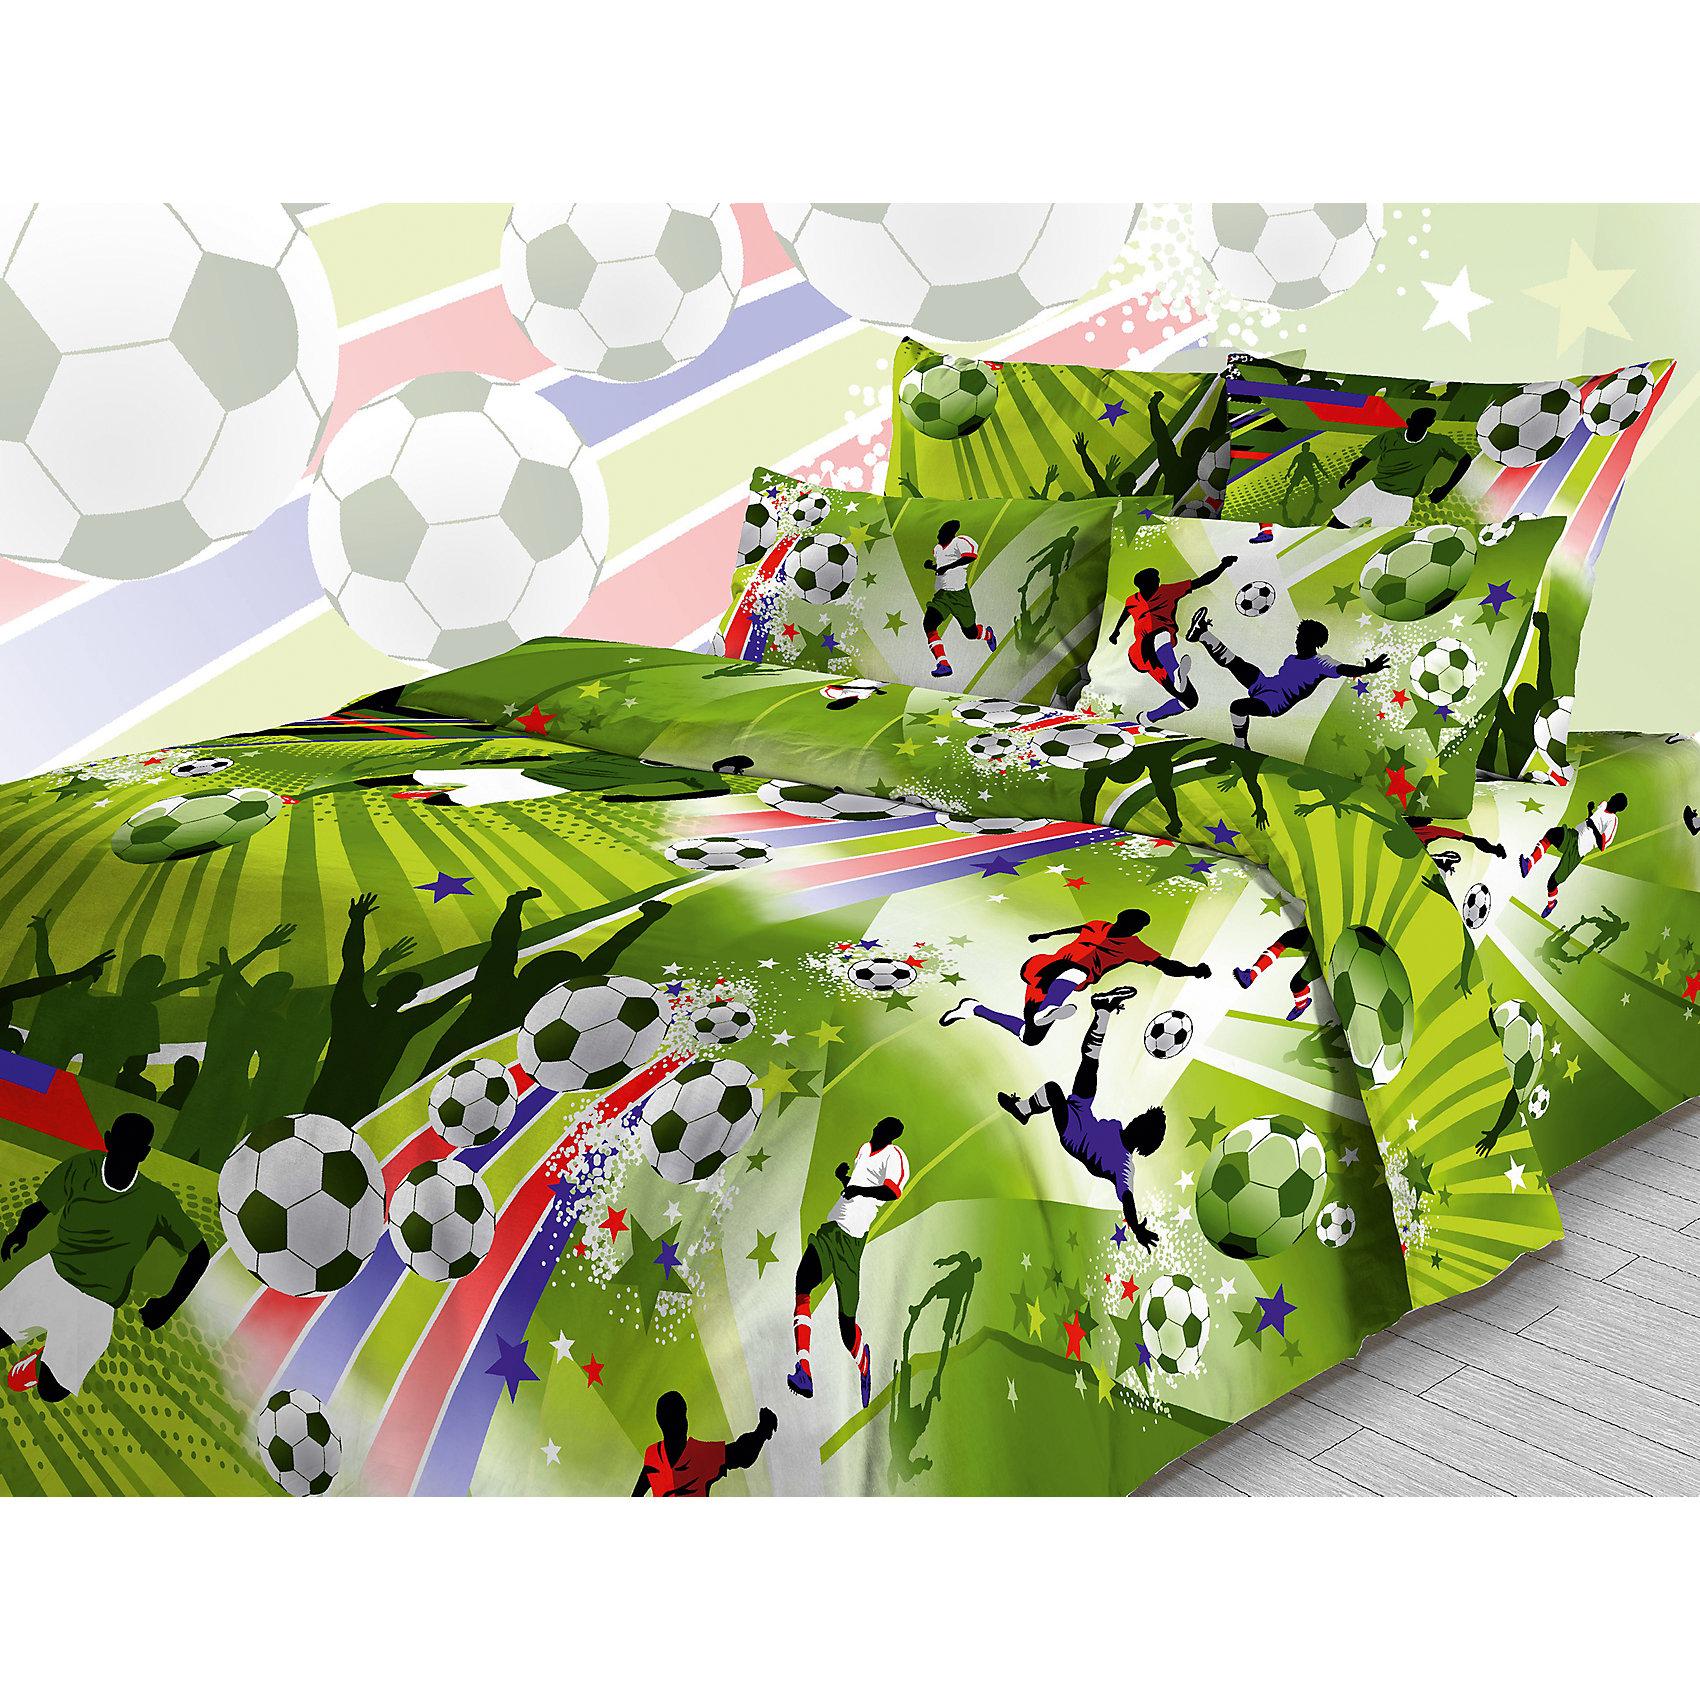 Комплект Футбол (зеленый, наволочка 70*70 см) 1,5-спальный, ВасилёкДомашний текстиль<br>Отличный Комплект Футбол (зеленый, наволочка 70*70 см) 1,5-спальный, Василёк придется по душе всем любителям футбола. Постельное белье выполнено из бязи и оформлено на футбольную тематику с многочисленными принтами и сценами из популярной игры. Детское постельное белье Футбол отлично украсит спальню Вашего ребенка и подарит ему крепкий сон!<br><br>Характеристики:<br>-Цвет: зеленый<br>-100 % хлопок<br>-Легко гладится<br>-Долговечность<br>-Гипоалергенно<br>-Яркий дизайн <br><br>Комплектация: простыня, пододеяльник, наволочка <br><br>Дополнительная информация:<br>-Вес в упаковке: 1,5 кг<br>-Размеры в упаковке: 30х5х30 см<br>-Размеры простыни: 150х214 см<br>-Размеры пододеяльника: 148х215 см<br>-Размеры наволочки: 70х70 см<br>-Материалы: бязь (хлопок 100 %)<br><br>Приобретя комплект постельного белья «Футбол», Вам не придется долго уговаривать идти ребенка спать!<br><br>Комплект Футбол (зеленый, наволочка 70*70 см) 1,5-спальный, Василёк можно купить в нашем магазине.<br><br>Ширина мм: 300<br>Глубина мм: 50<br>Высота мм: 300<br>Вес г: 1500<br>Возраст от месяцев: 36<br>Возраст до месяцев: 216<br>Пол: Мужской<br>Возраст: Детский<br>SKU: 4044197